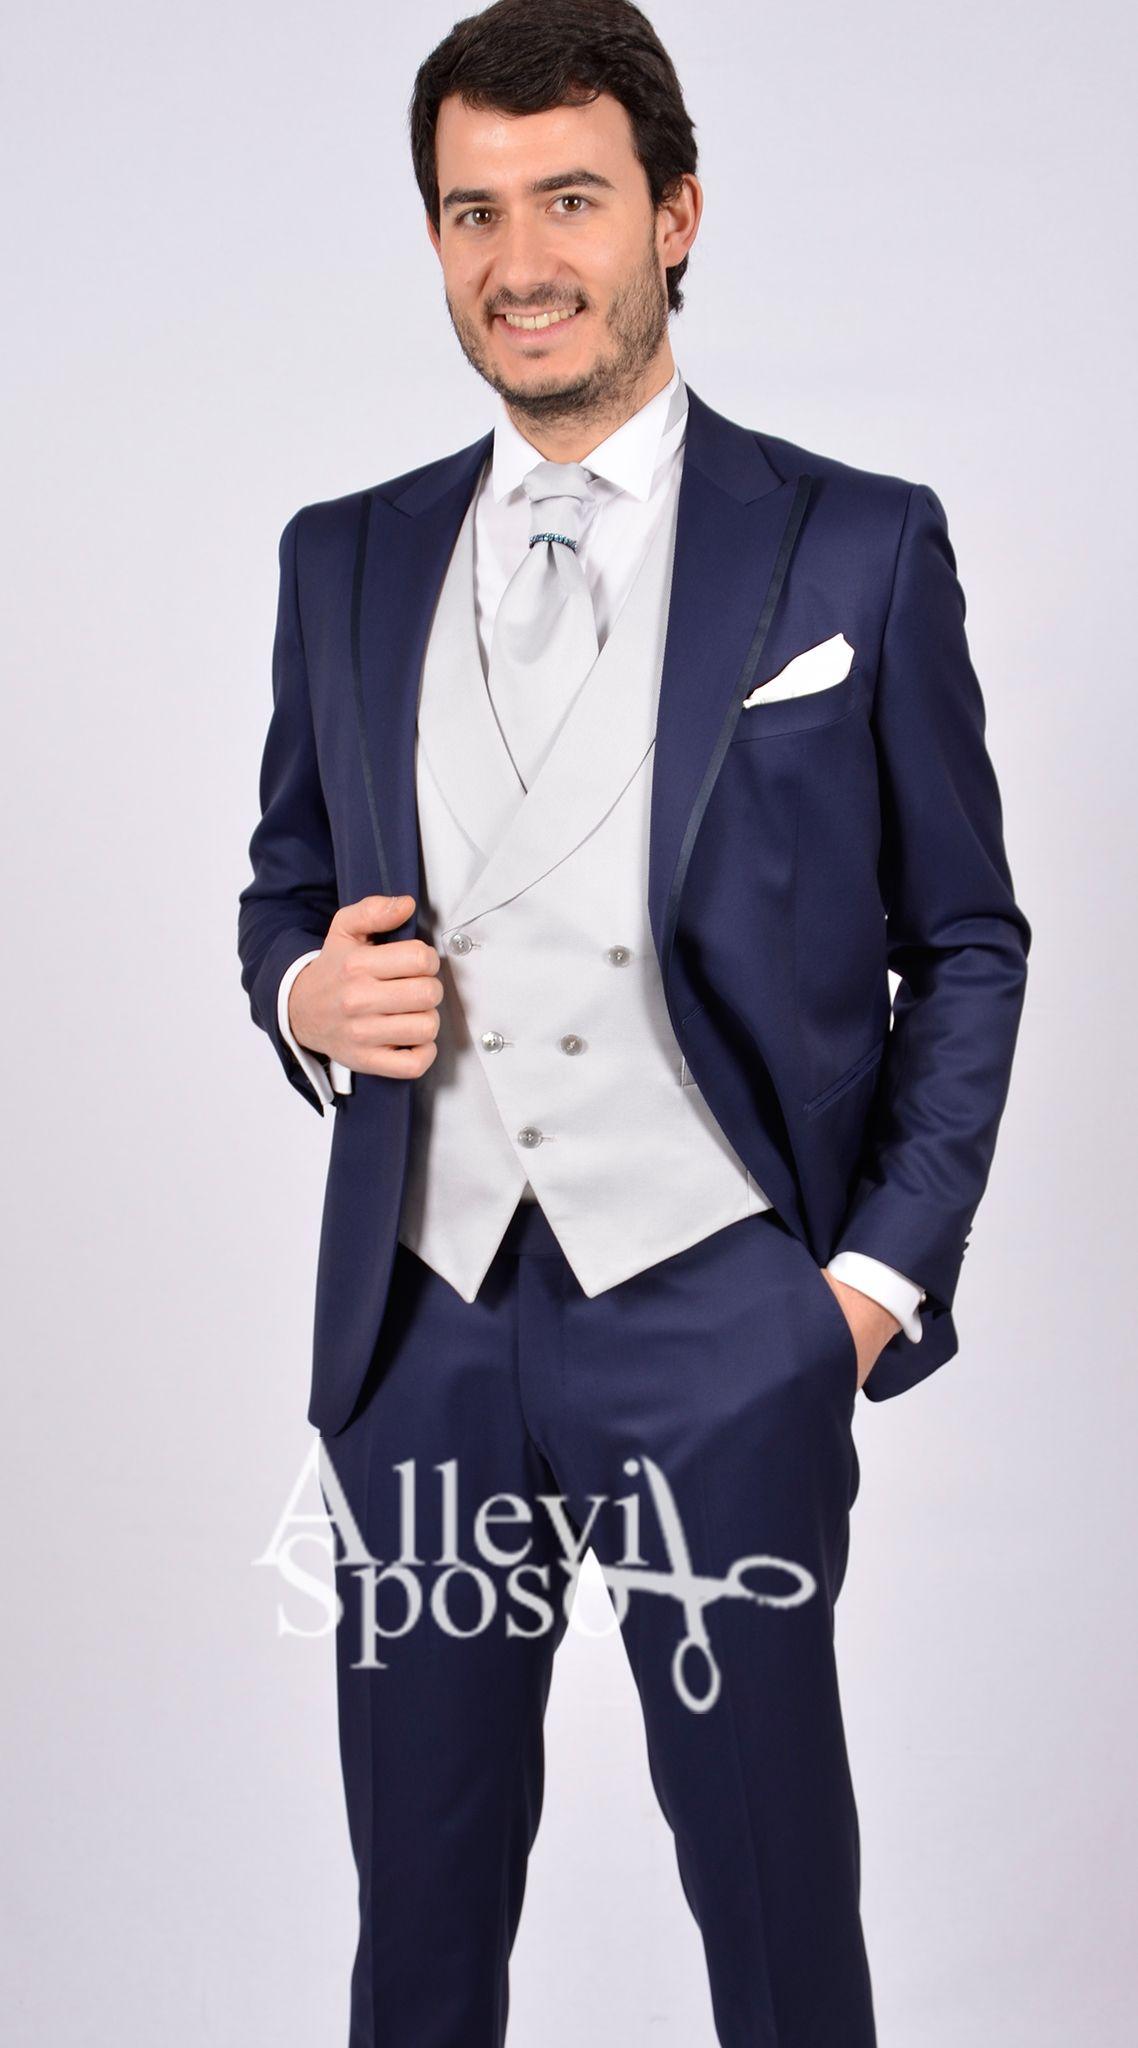 abito smoking bordato blu gilet doppiopetto Abito da sposo e abito da  cerimonia smoking blu petto 29da9b0806d